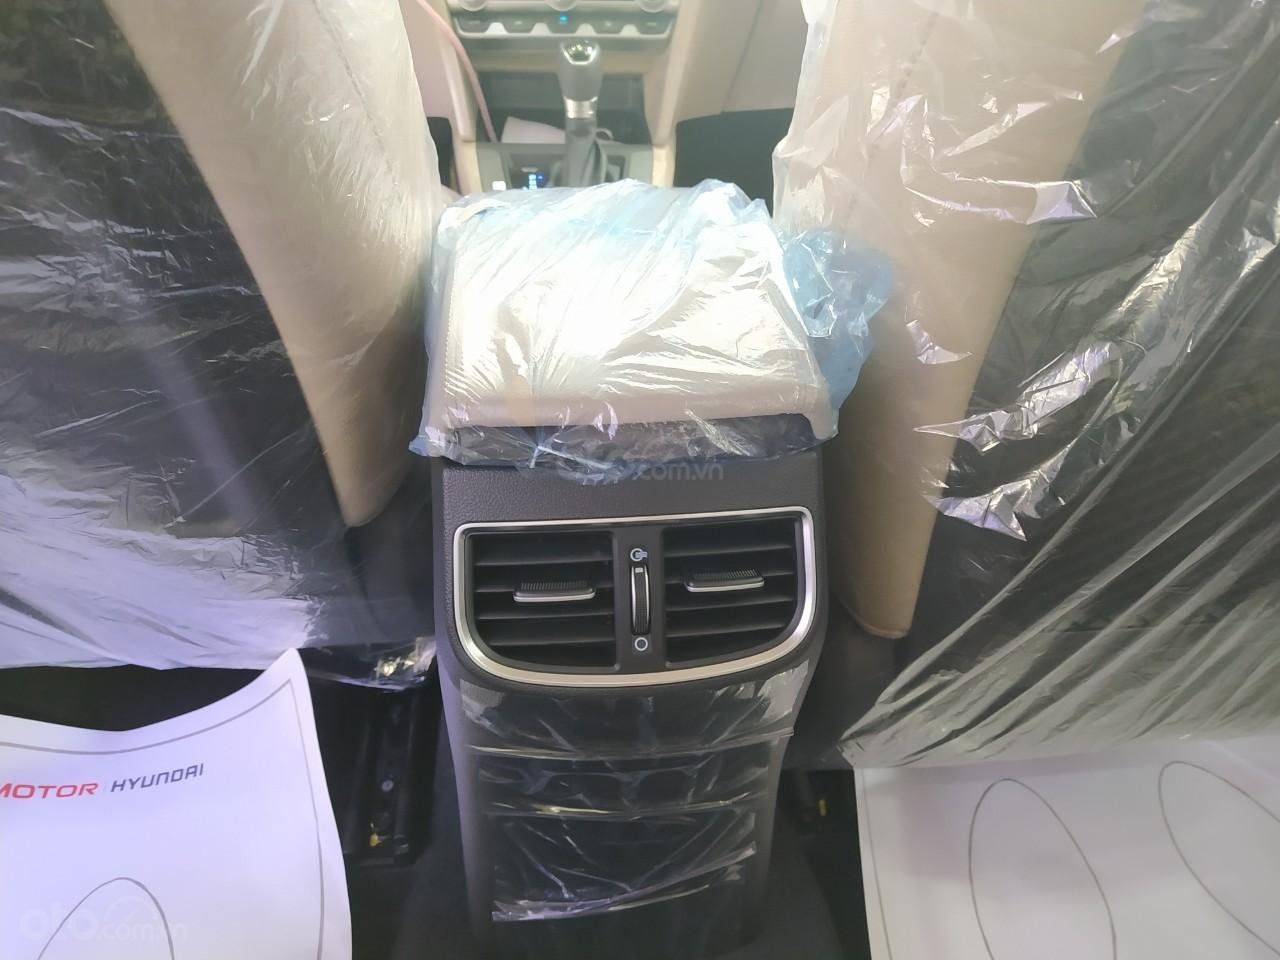 Hyundai An Phú bán Hyundai Elantra giá tốt, góp 90%, xe giao ngay, liên hệ Mr Nghĩa để được hỗ trợ tốt nhất (10)